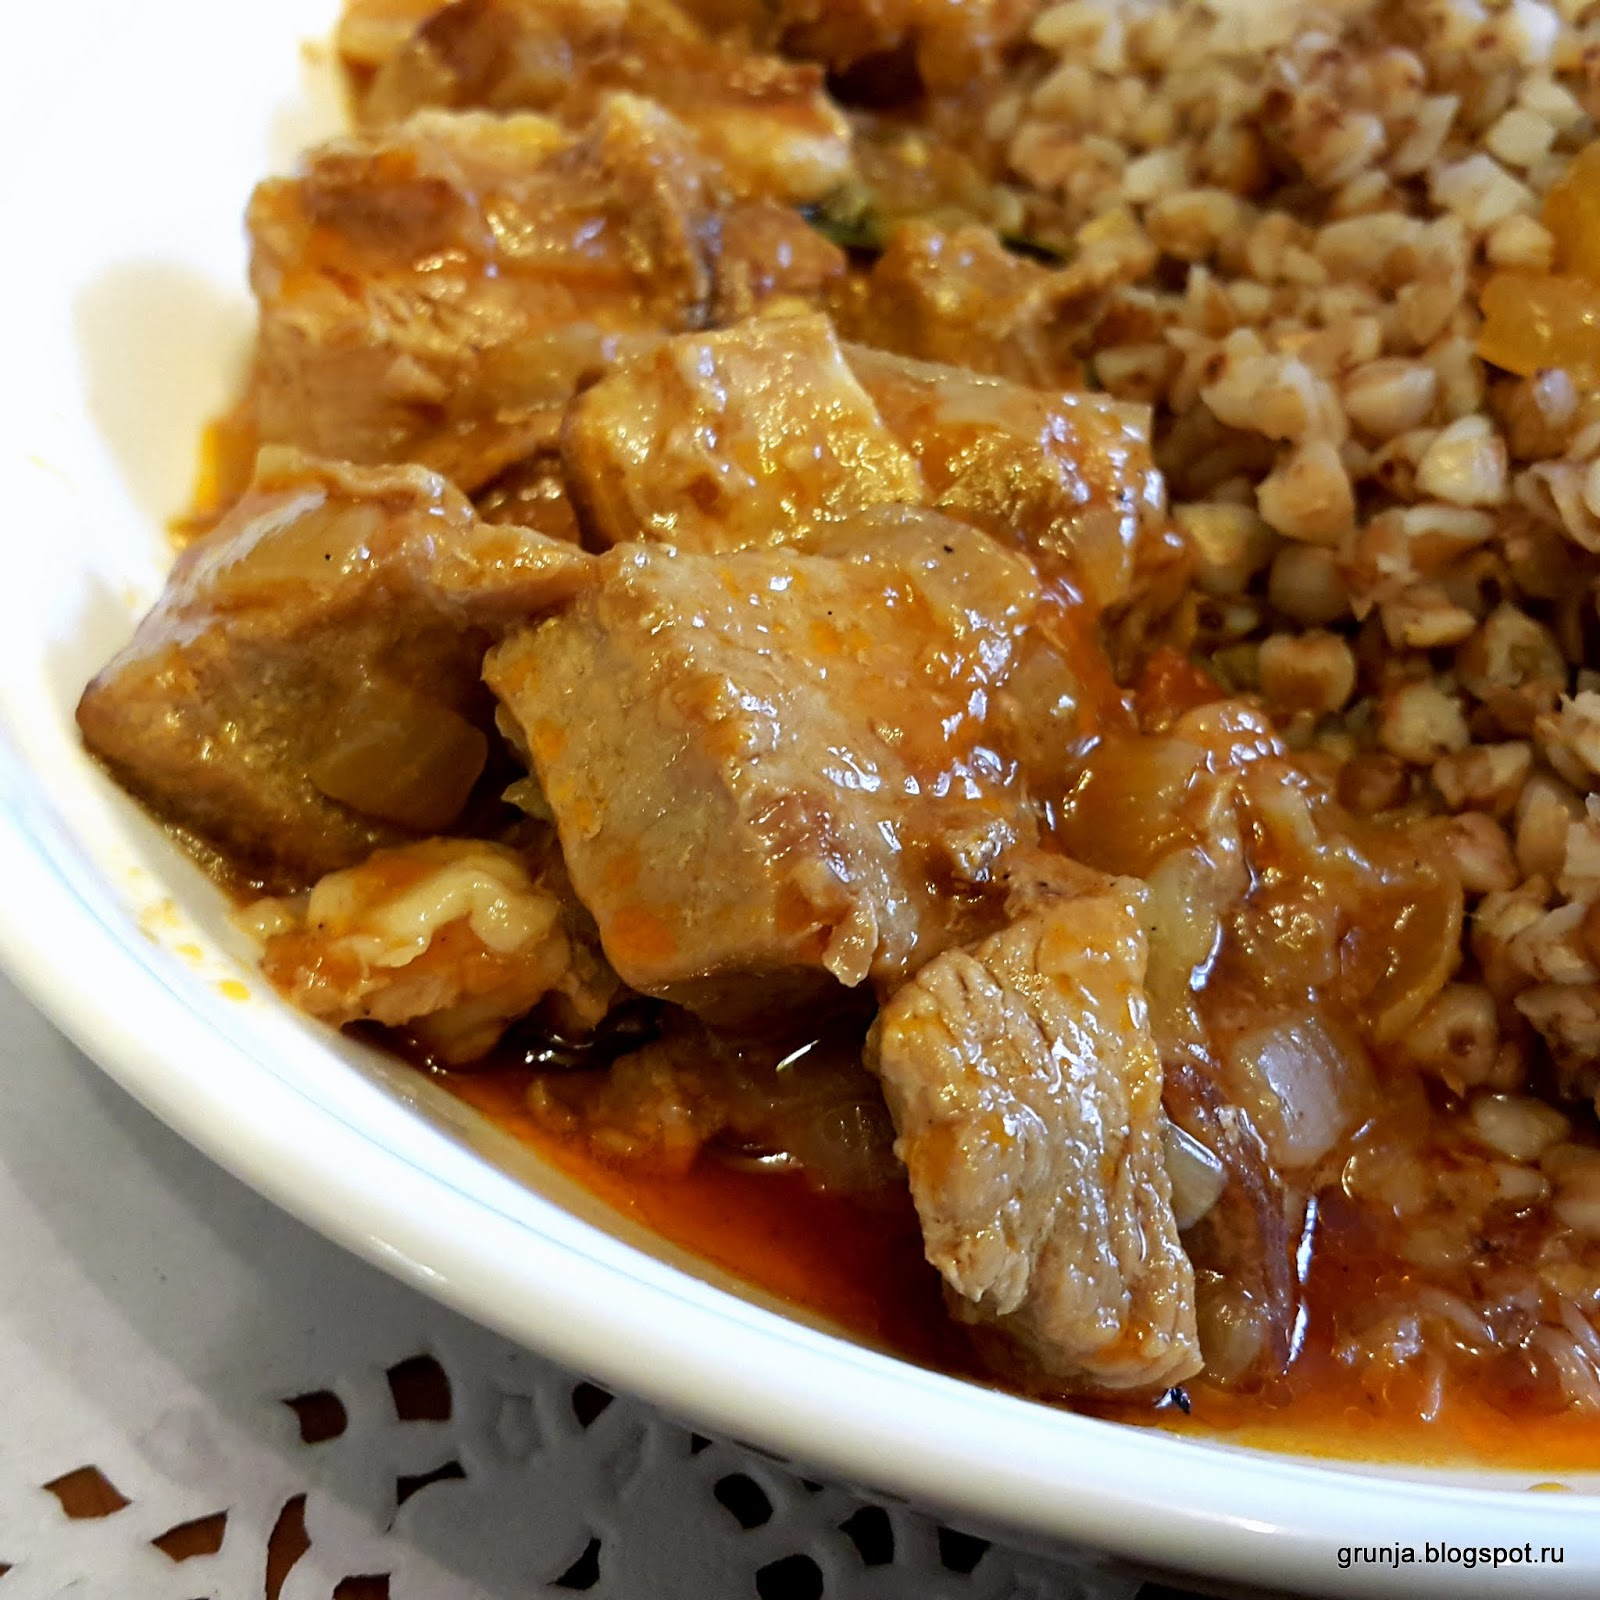 Рецепт гуляша из свинины с подливкой пошагово без томатной